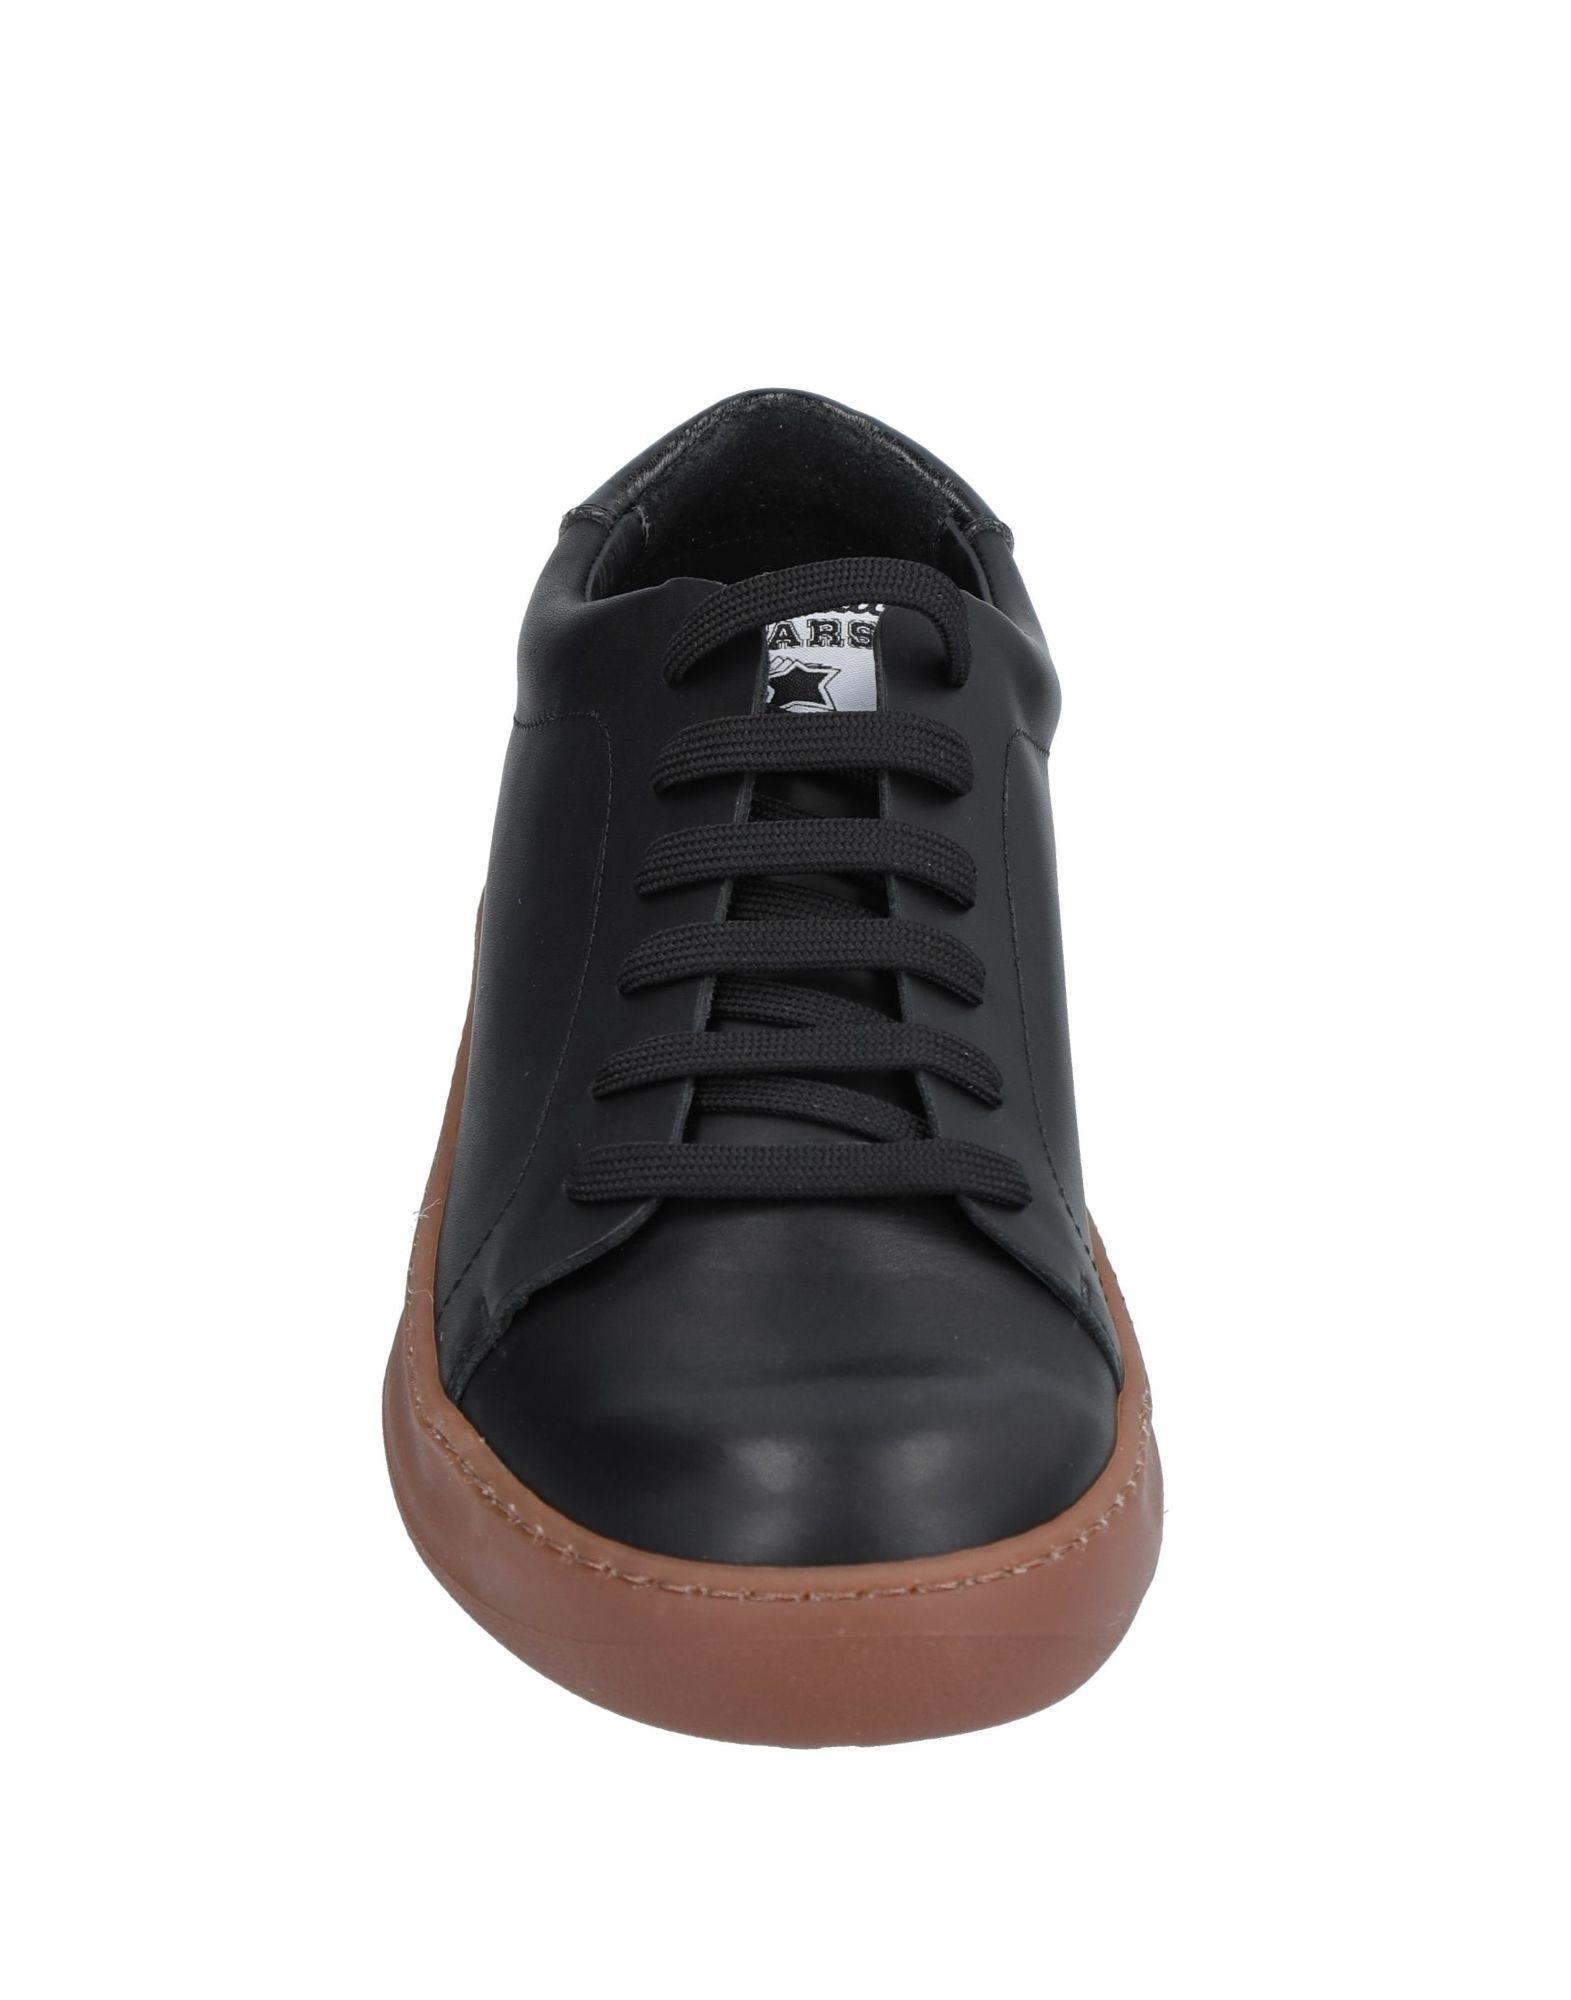 Atlantic Herren Stars Sneakers Herren Atlantic  11524794BS Neue Schuhe 11f489